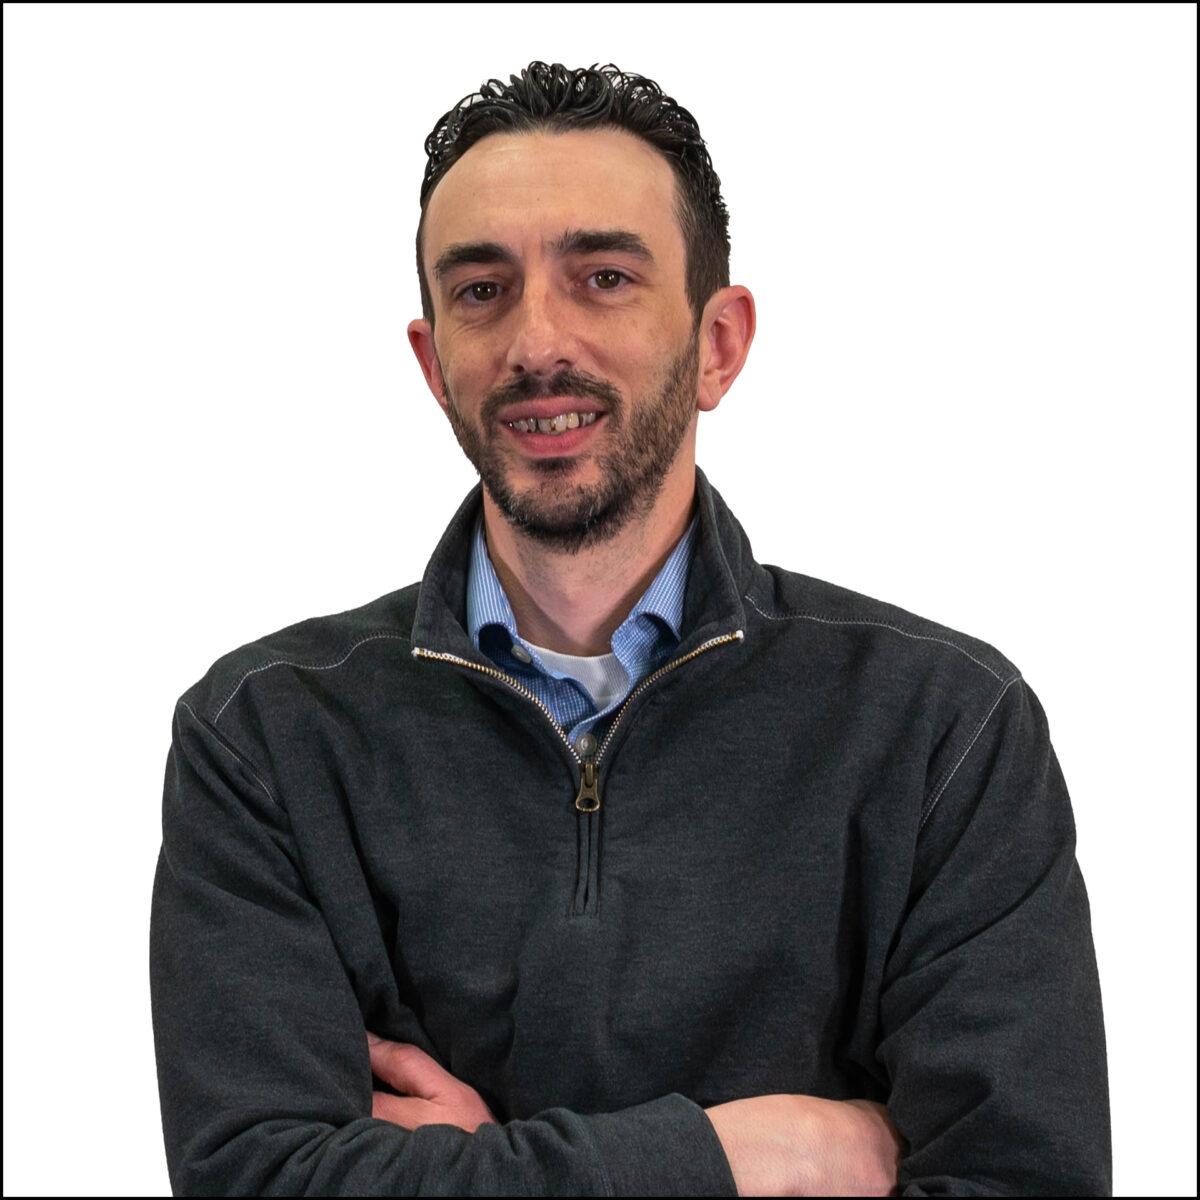 Jason Aiello - Talk of the Town Host